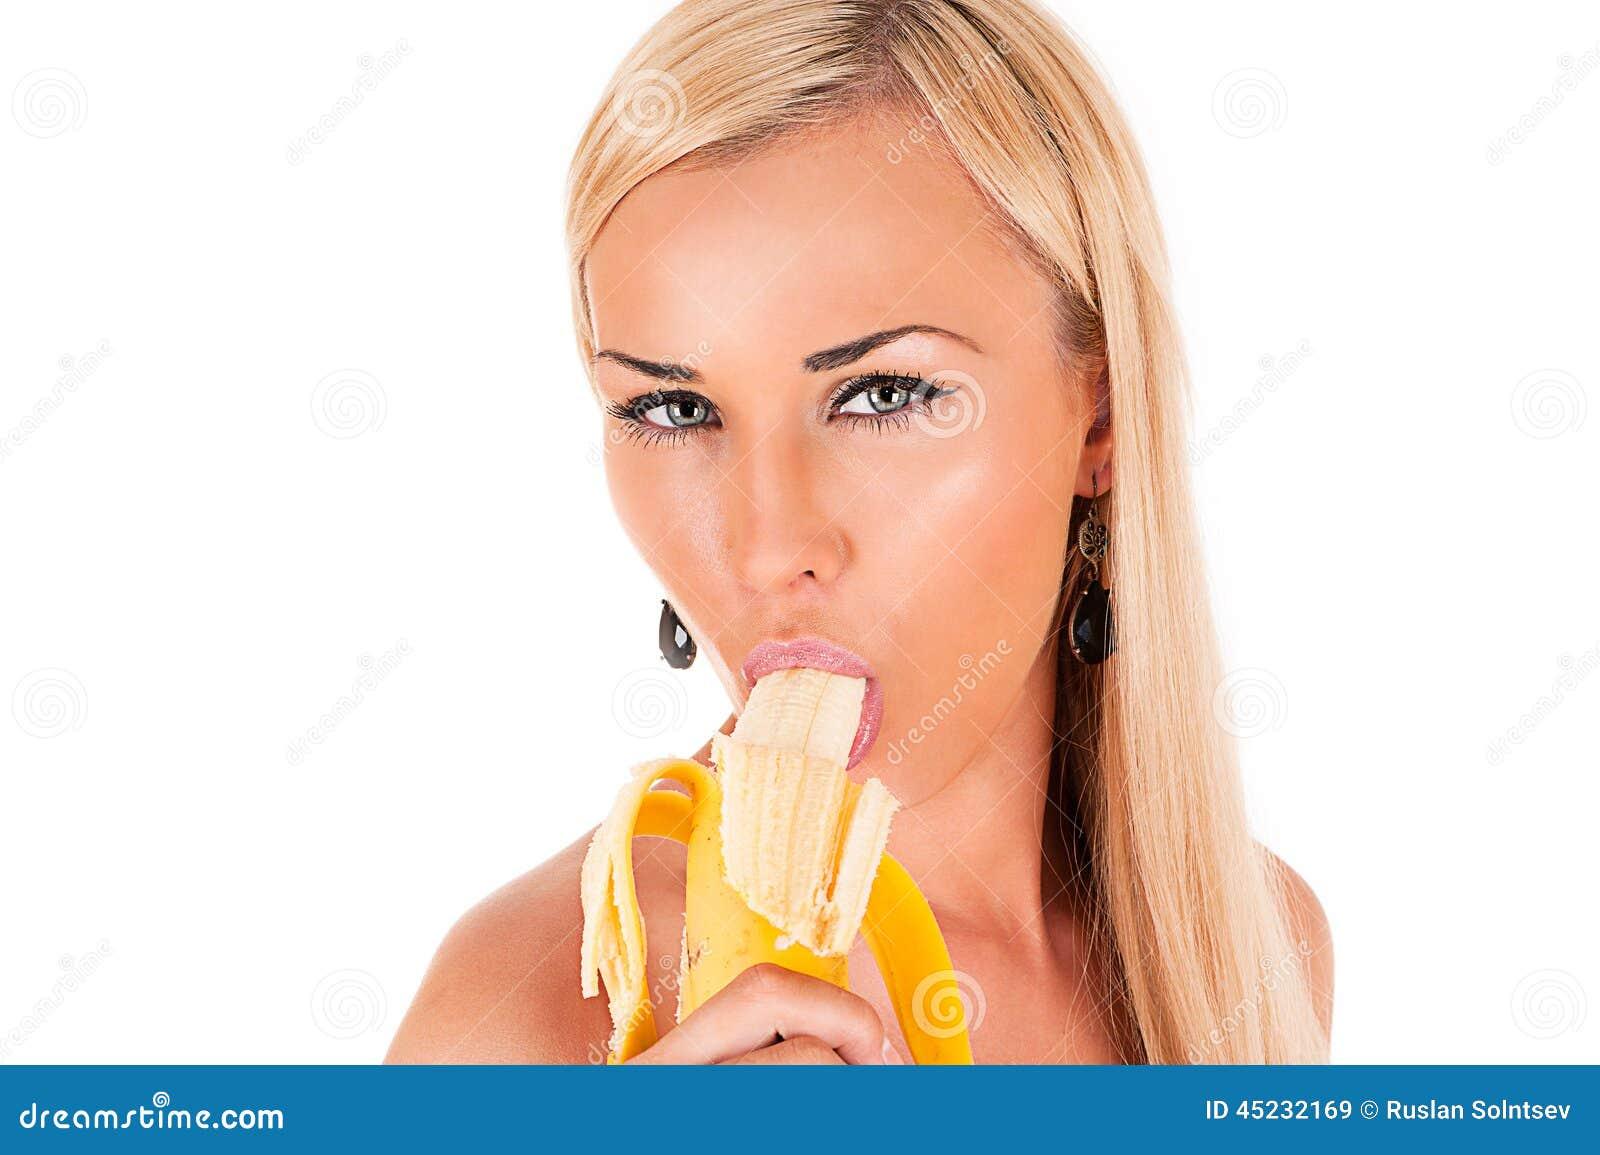 Банан во рту видео